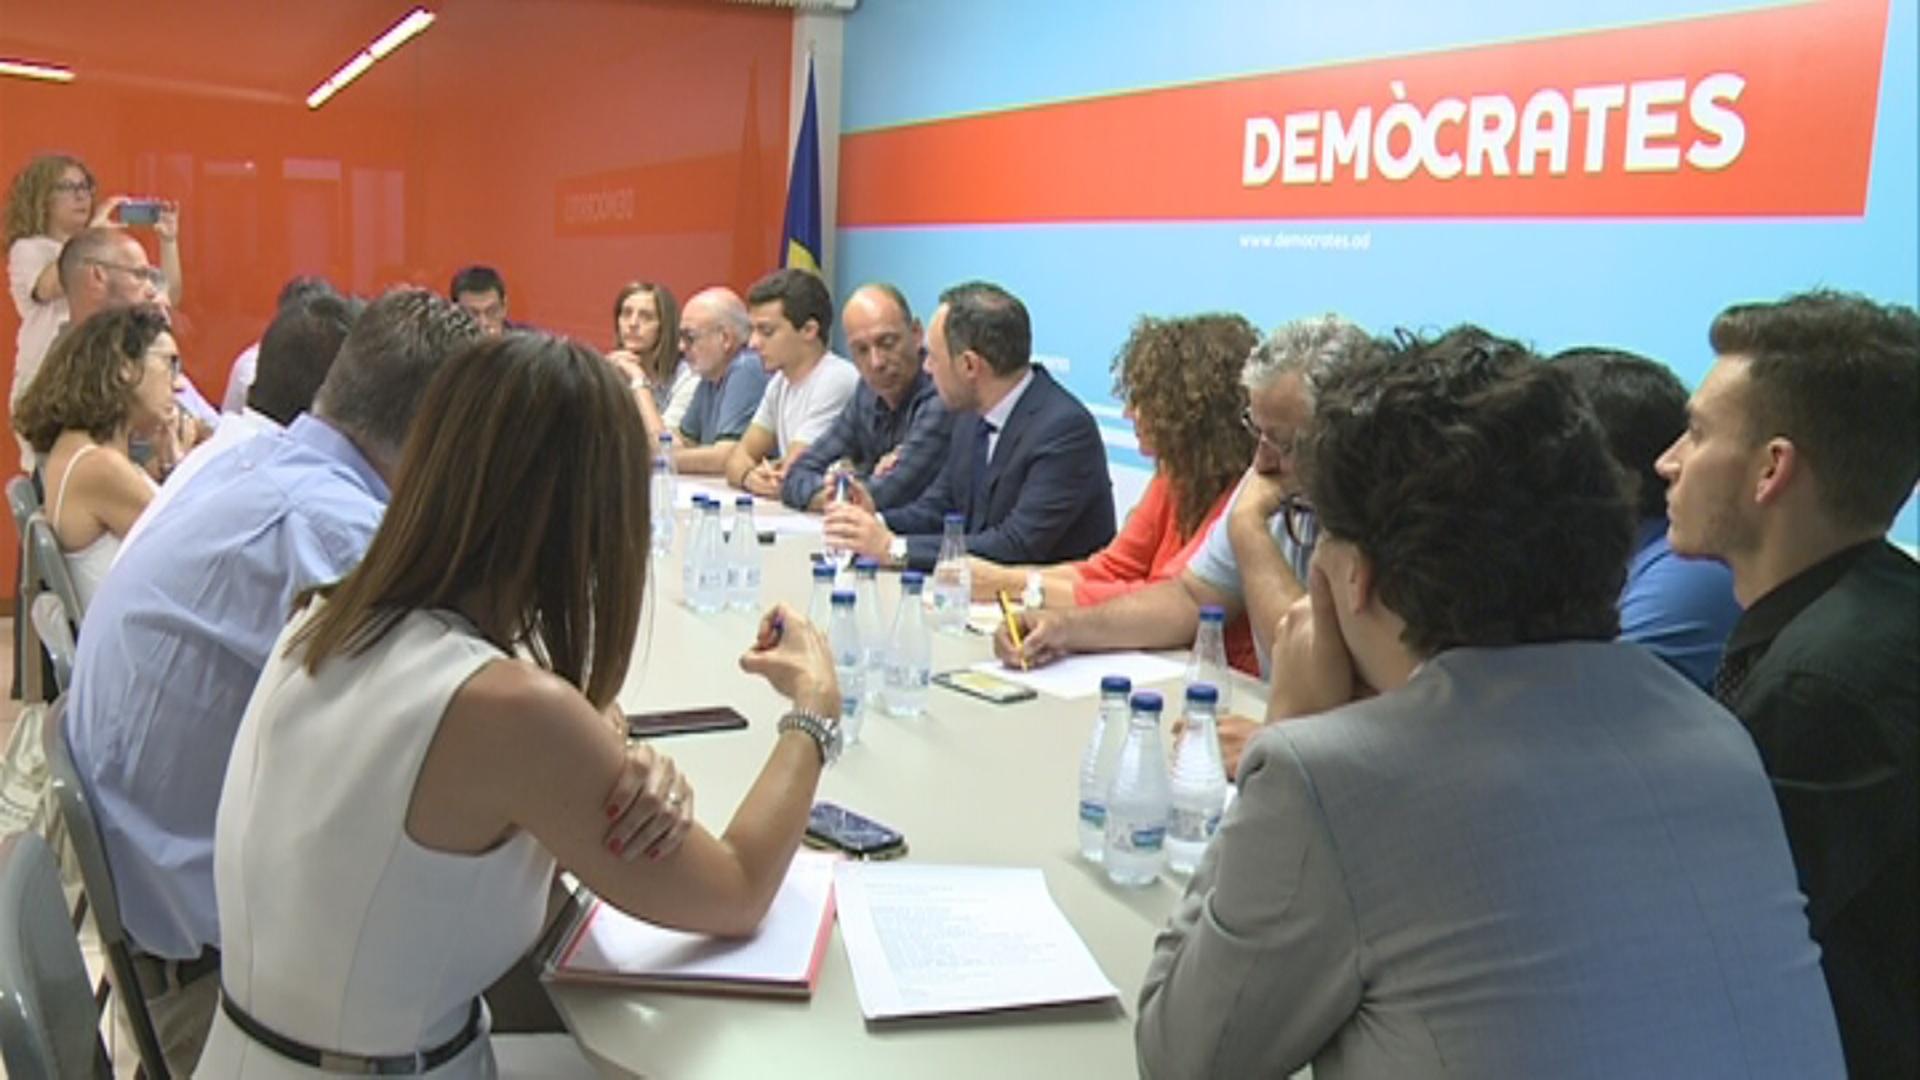 Demòcrates i Liberals d'Andorra van rebre uns 43.000 euros en donacions el segon semestre del 2020